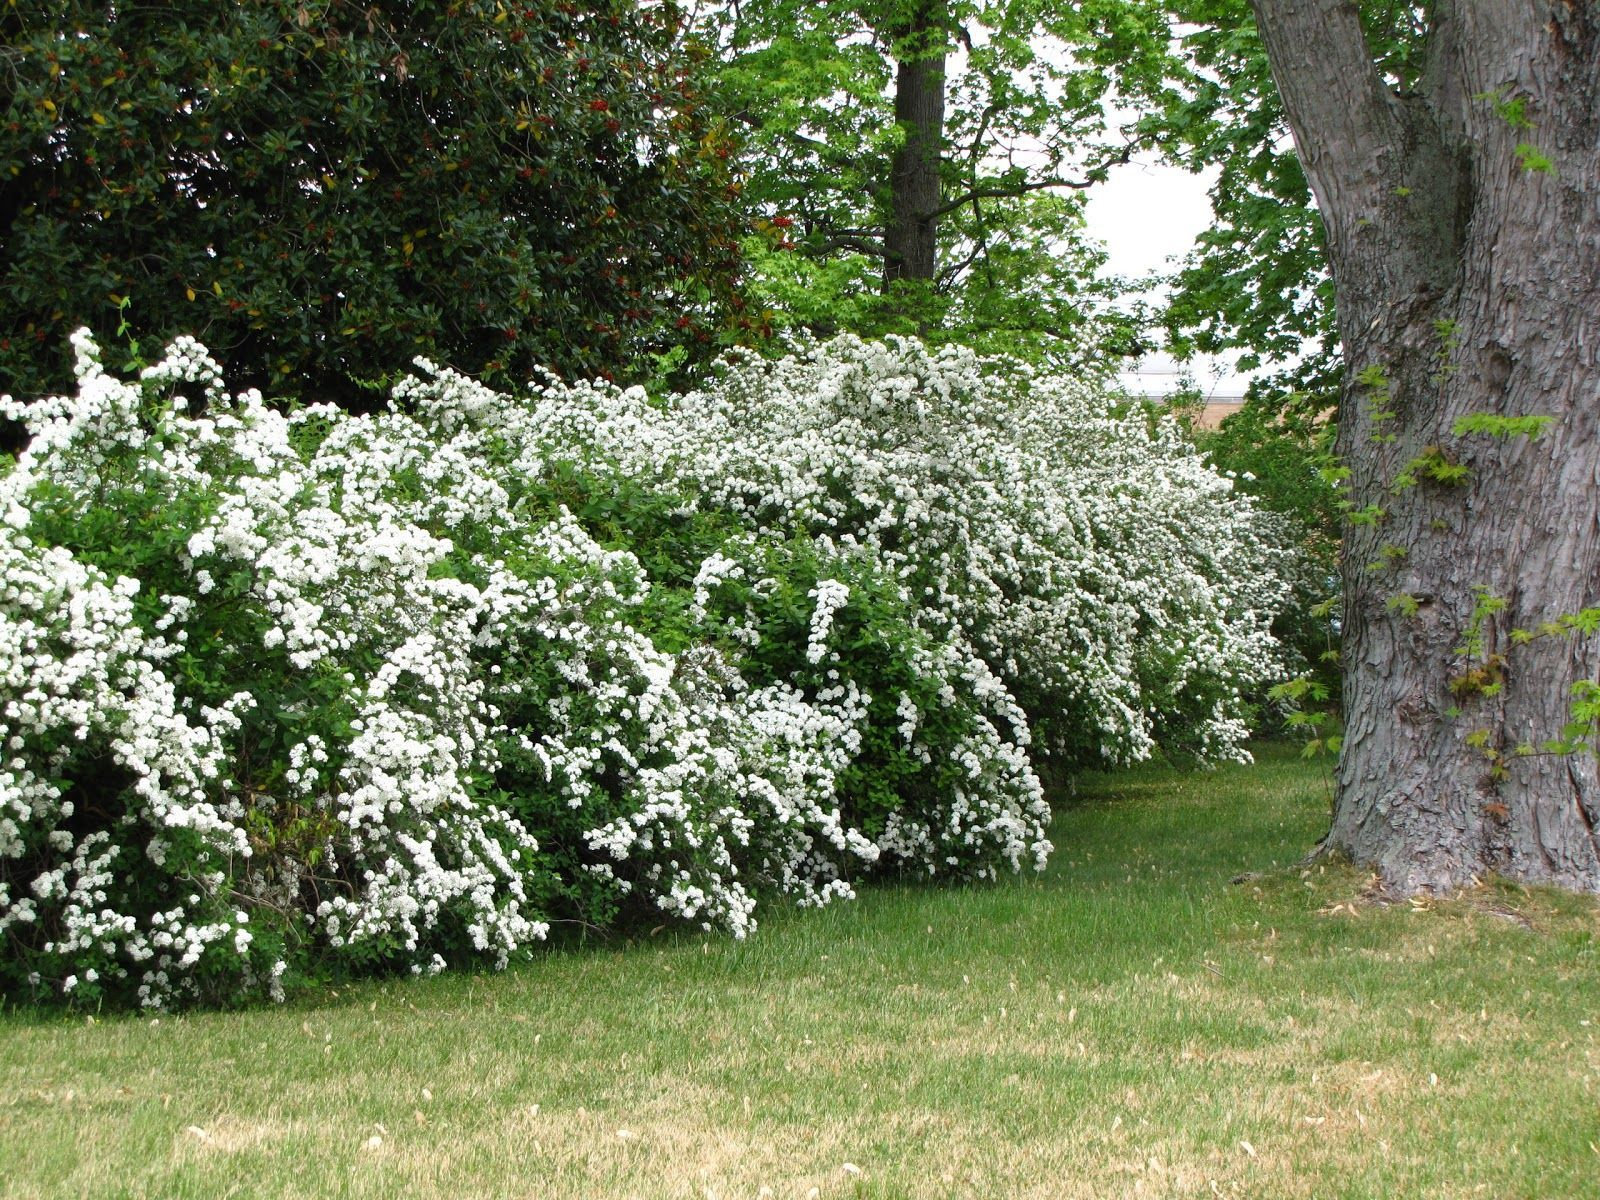 flowering dwarf shrubs